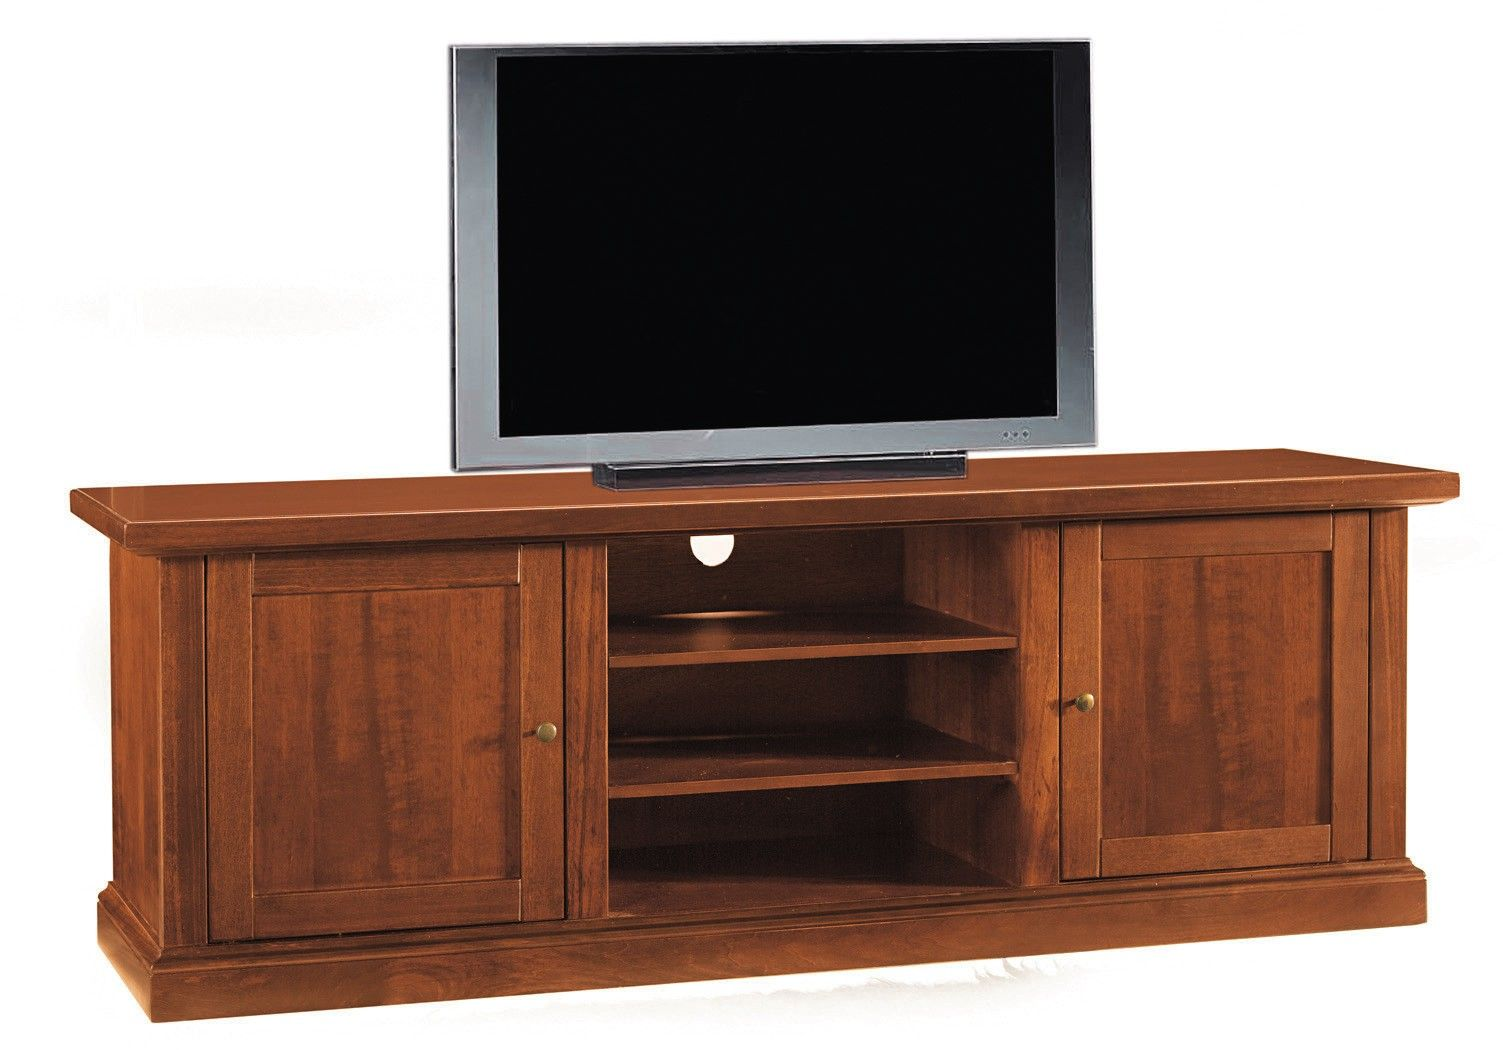 Porta tv mondo convenienza - Mobili porta tv mondo convenienza ...